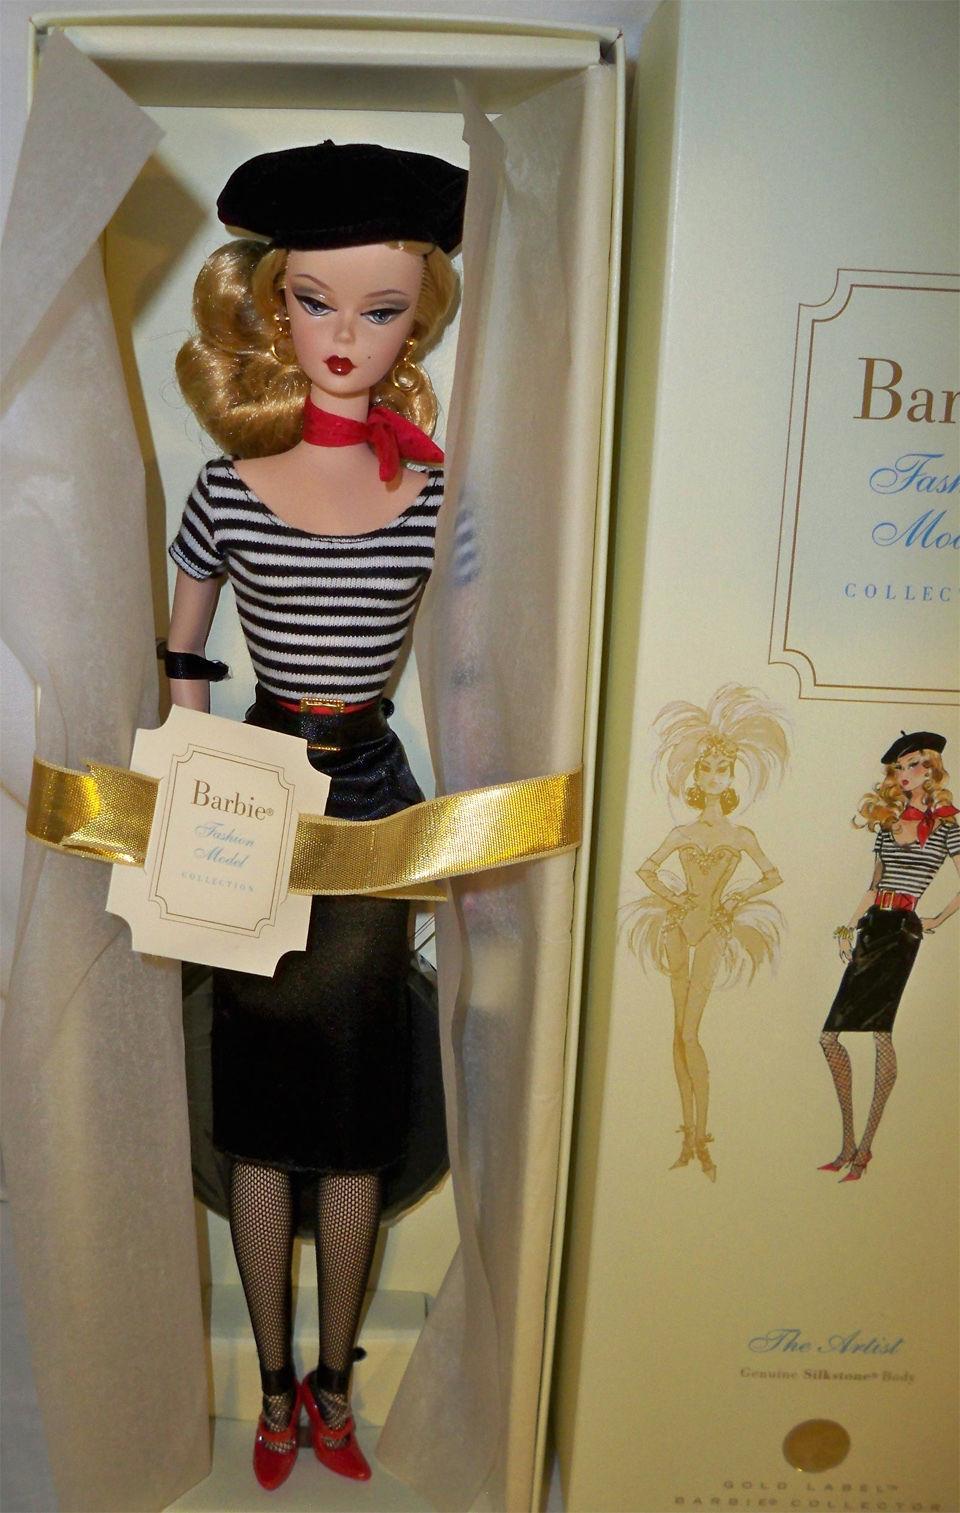 El artista Modelo De Moda De Barbie Silkstone desde 2008 Menta en Caja oro Label Ltd Ed 7000